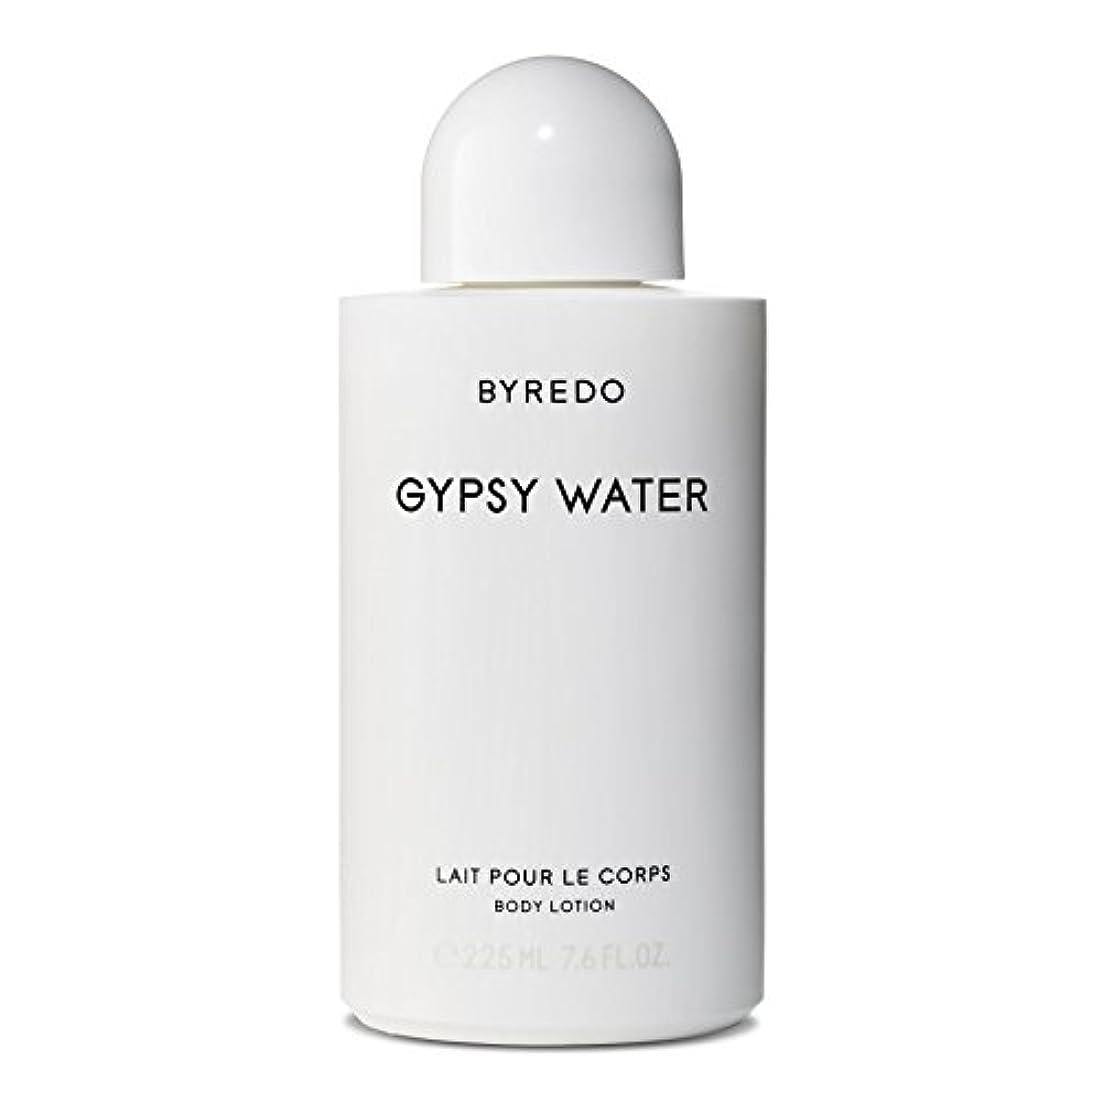 真夜中サイバースペース証言するByredo Gypsy Water Body Lotion 225ml - ジプシー水ボディローション225ミリリットル [並行輸入品]